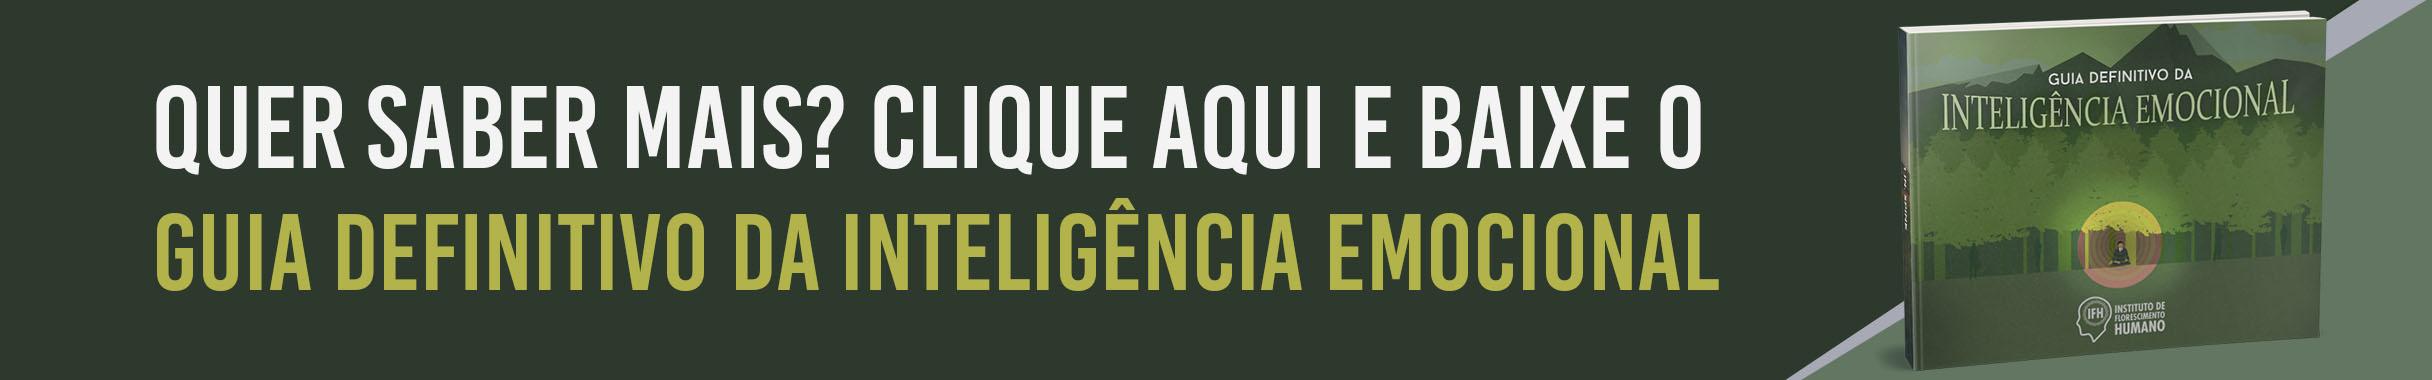 Banner Inteligência Emocional